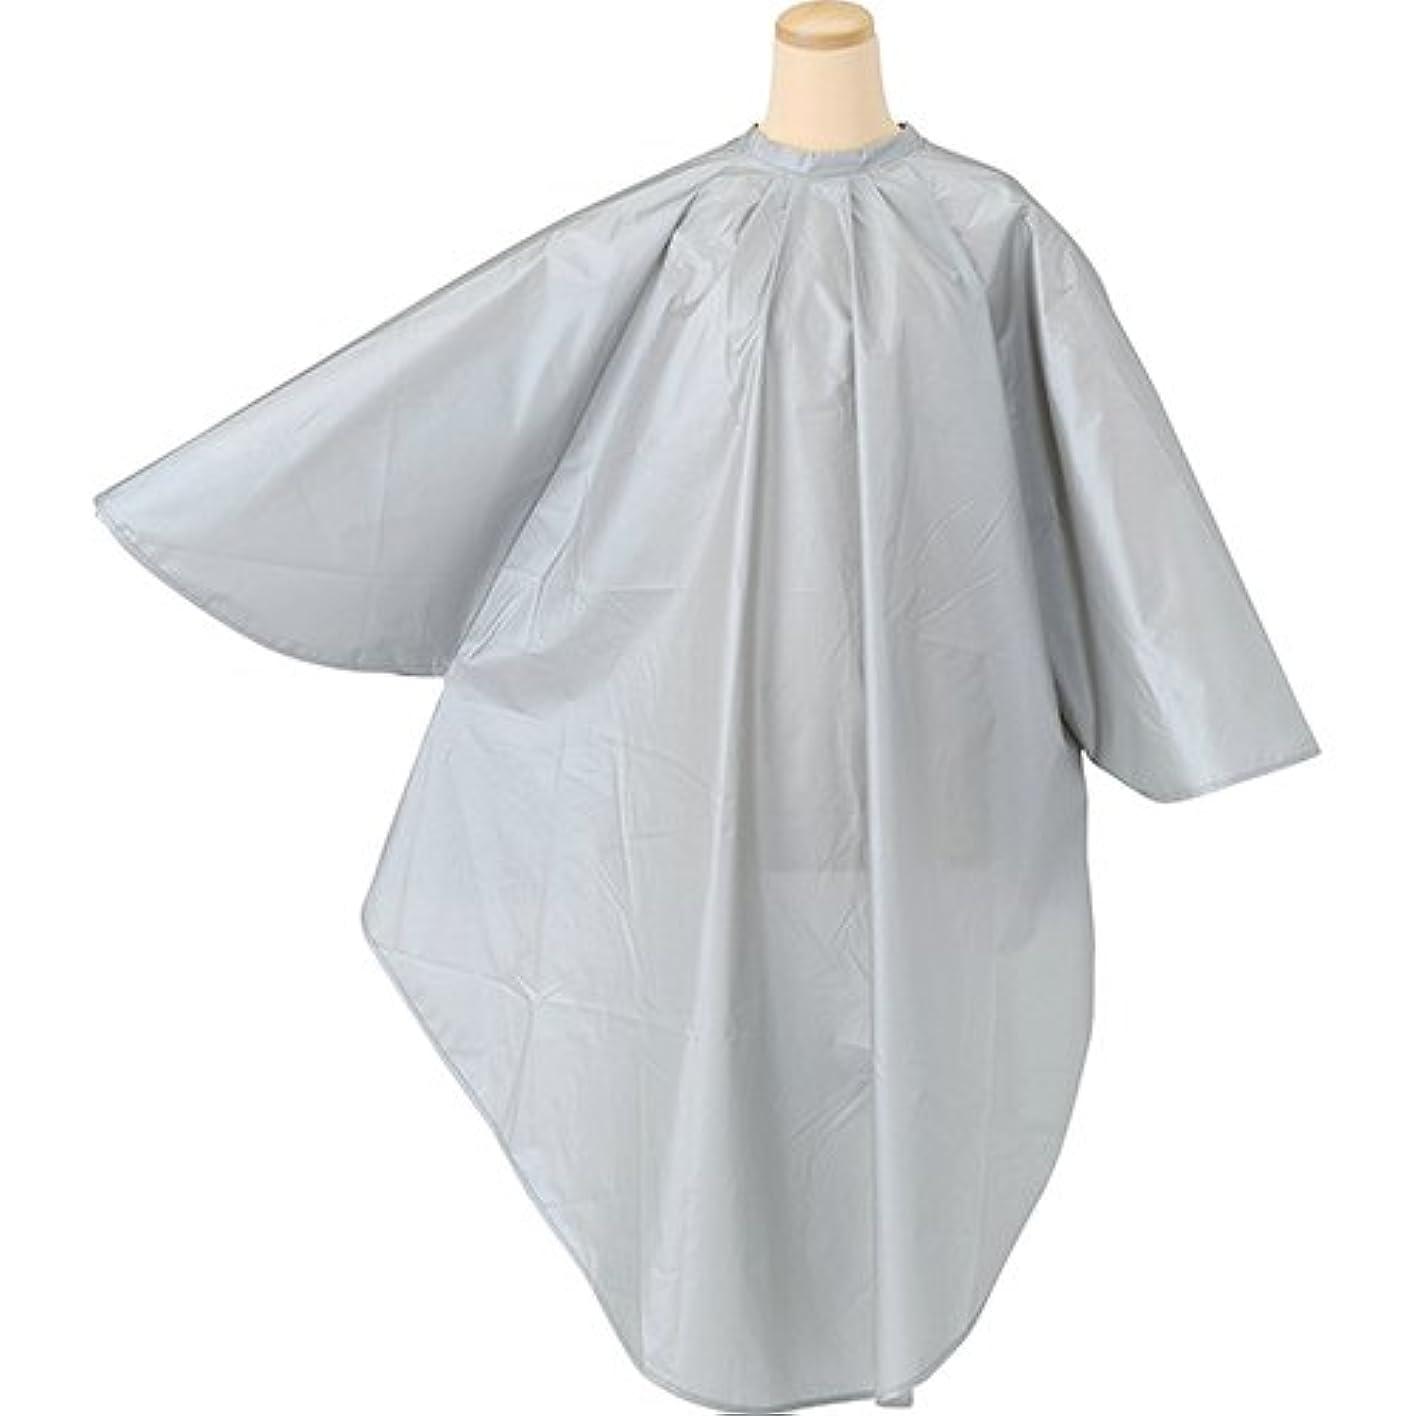 未払い販売計画ベジタリアンTBG 袖付きカットクロスATD グレー